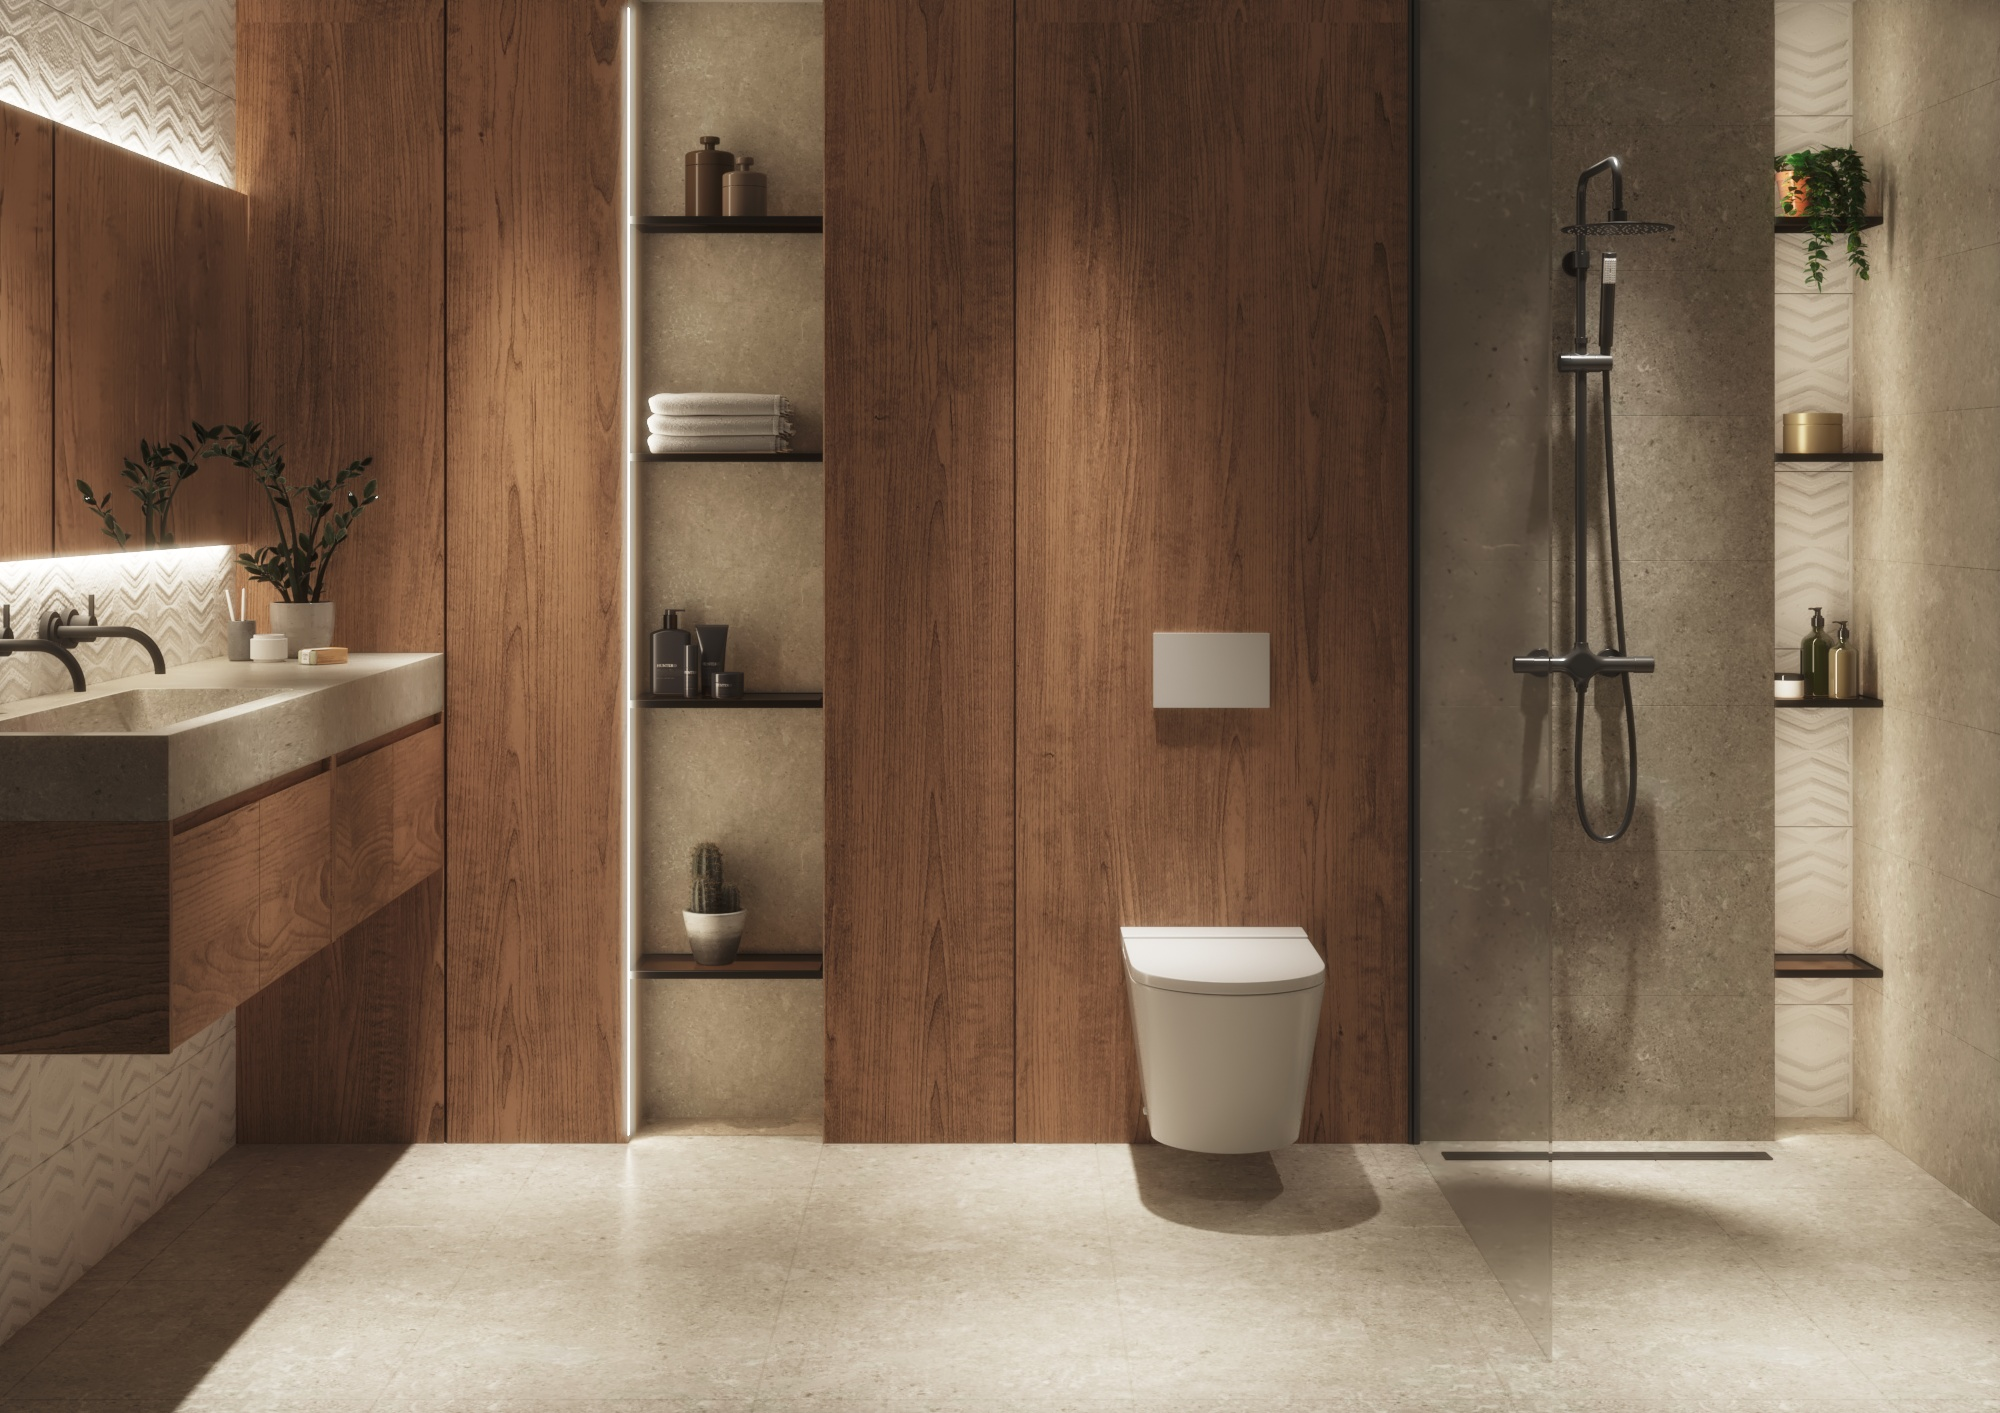 NJ_Bathroom